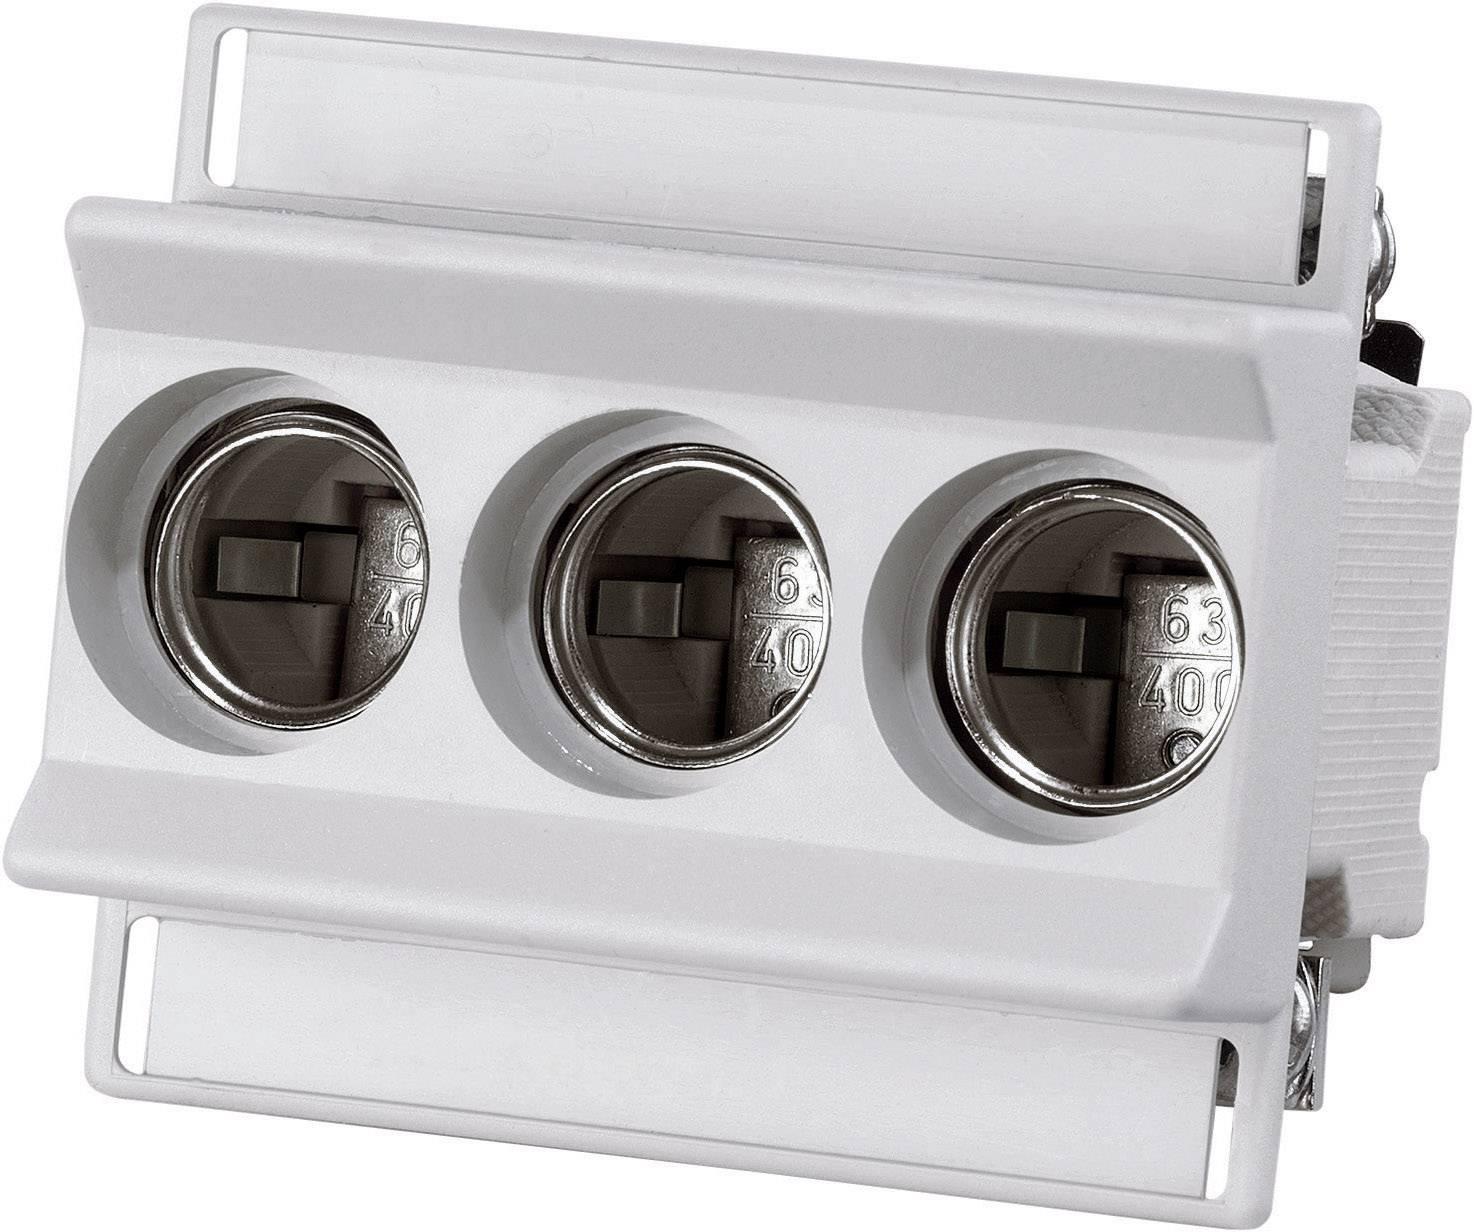 Kraftstoffdruckpr/üfer Diesel Einspritzpumpe,Universal Benzin Manometer Tester Einspritzpumpe Diagnose Tool Kit Kraftstoffz/ähler